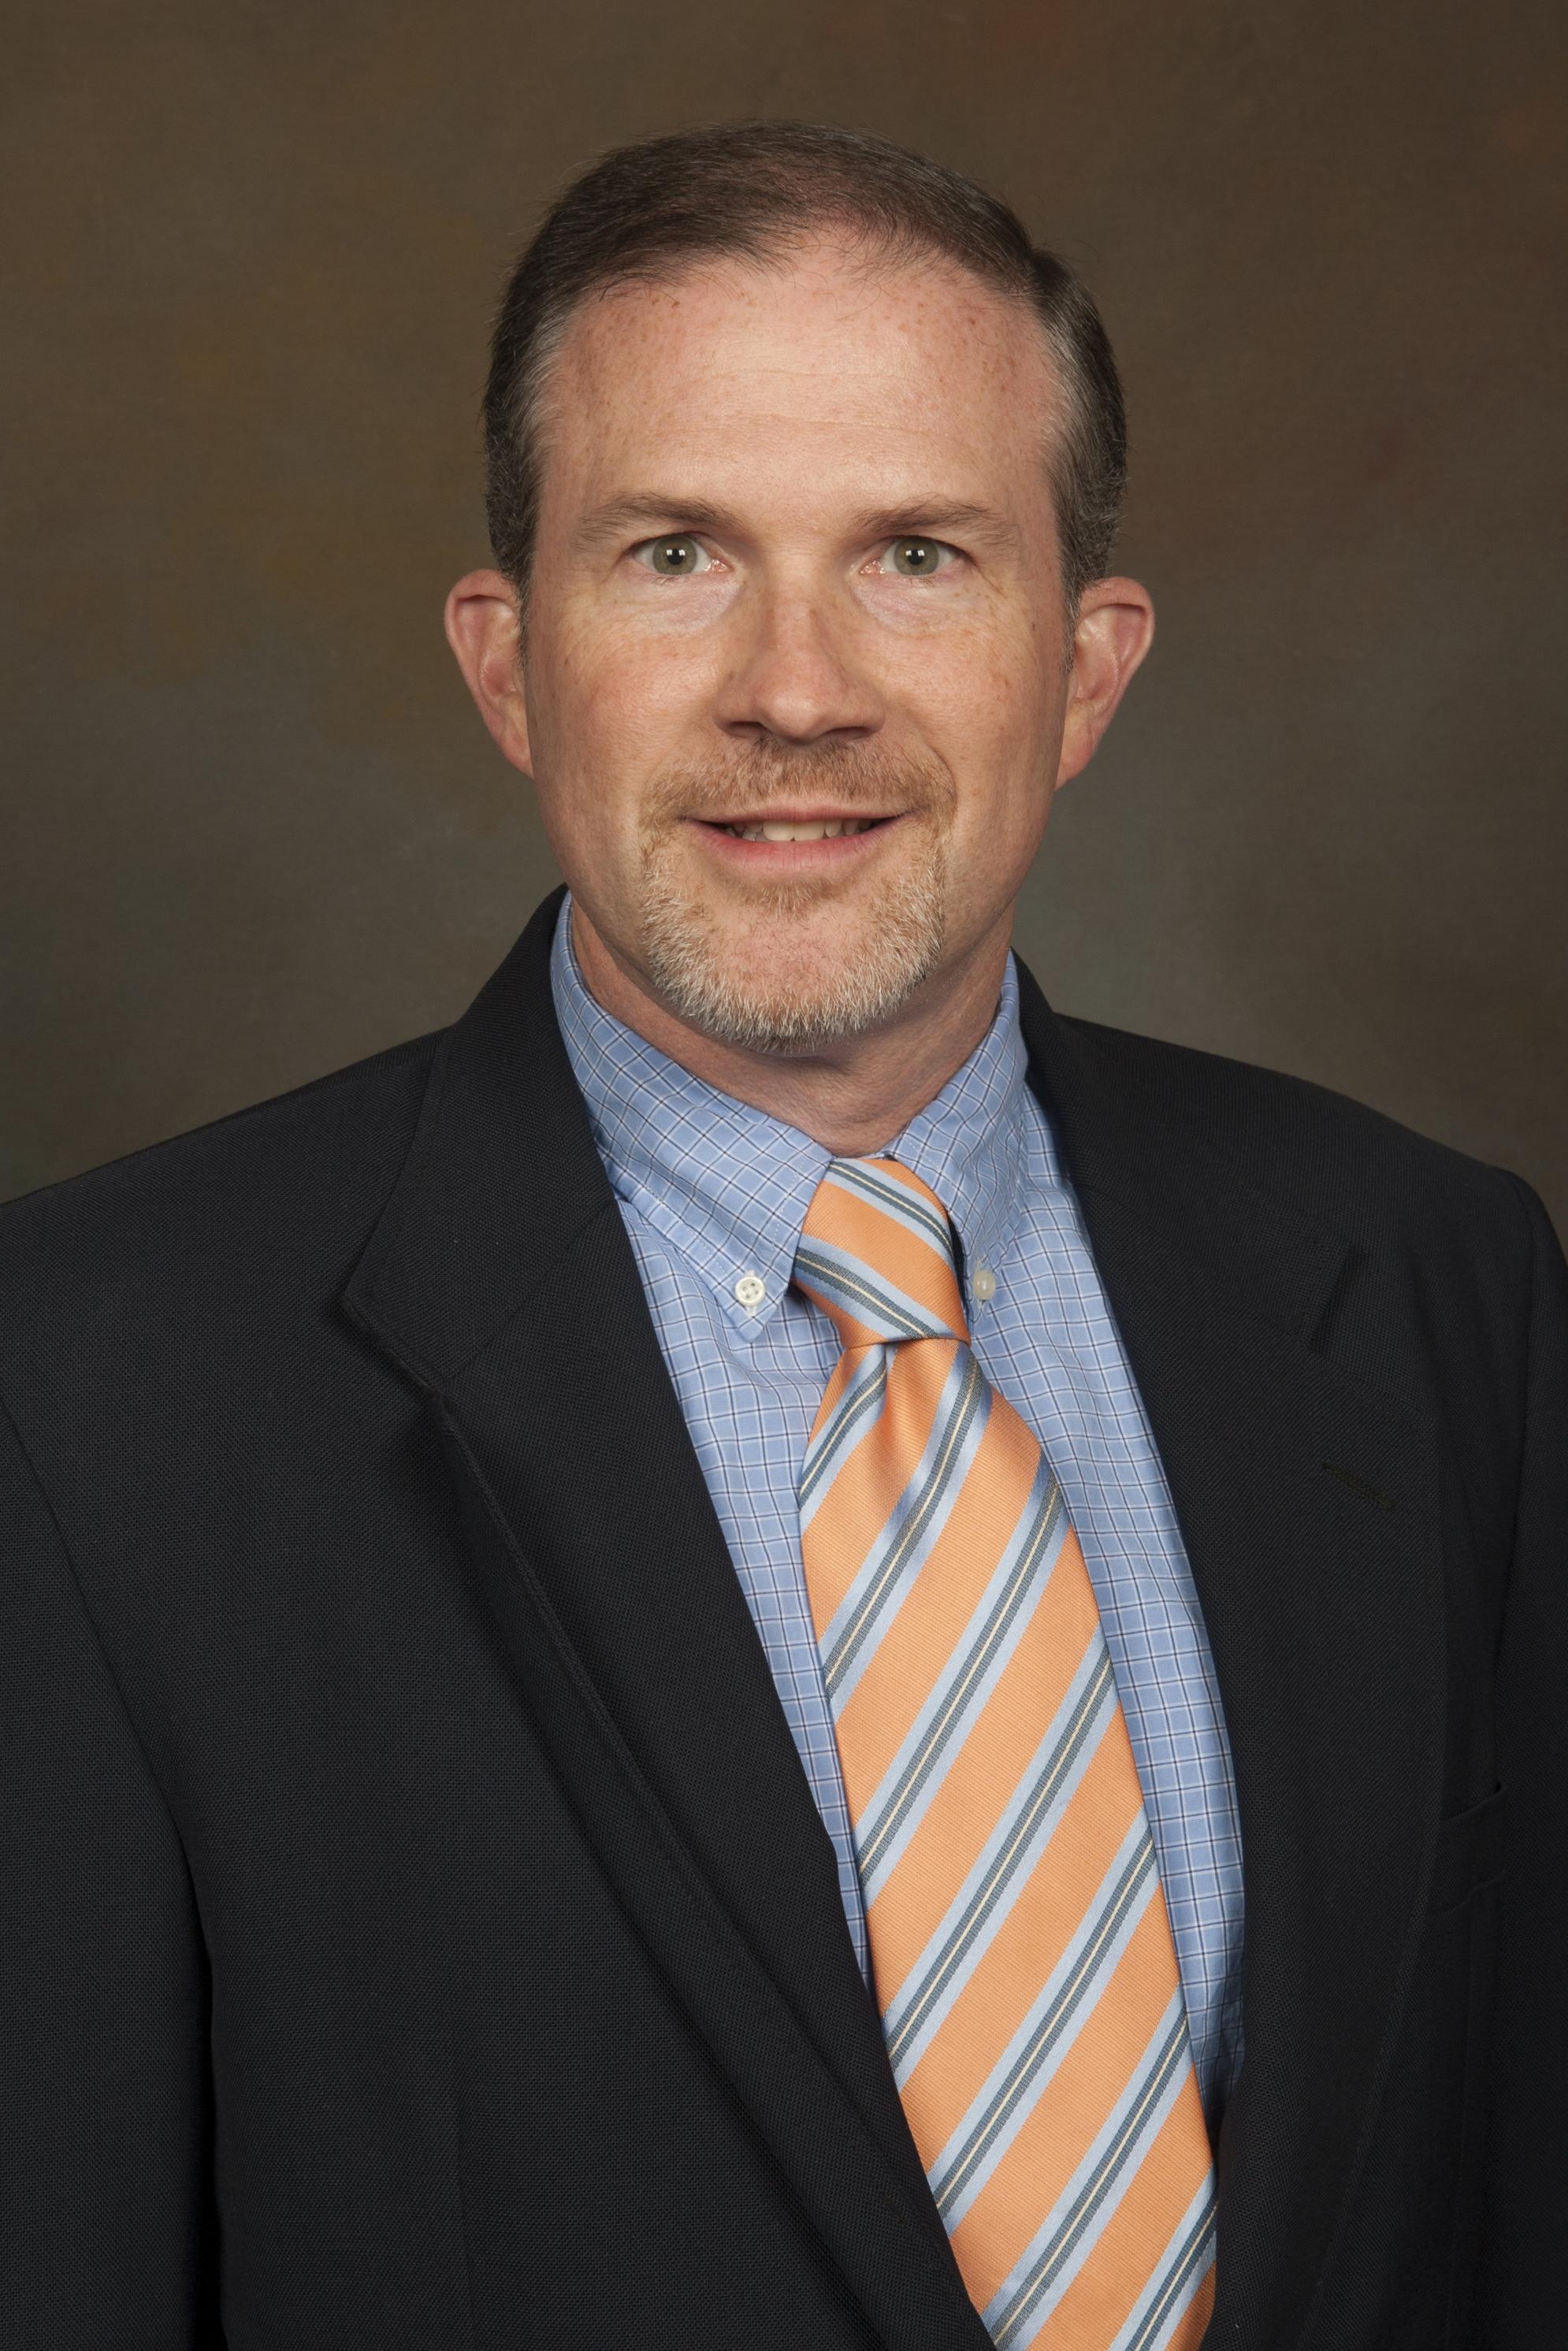 Dr. David Conley, Faculty Director